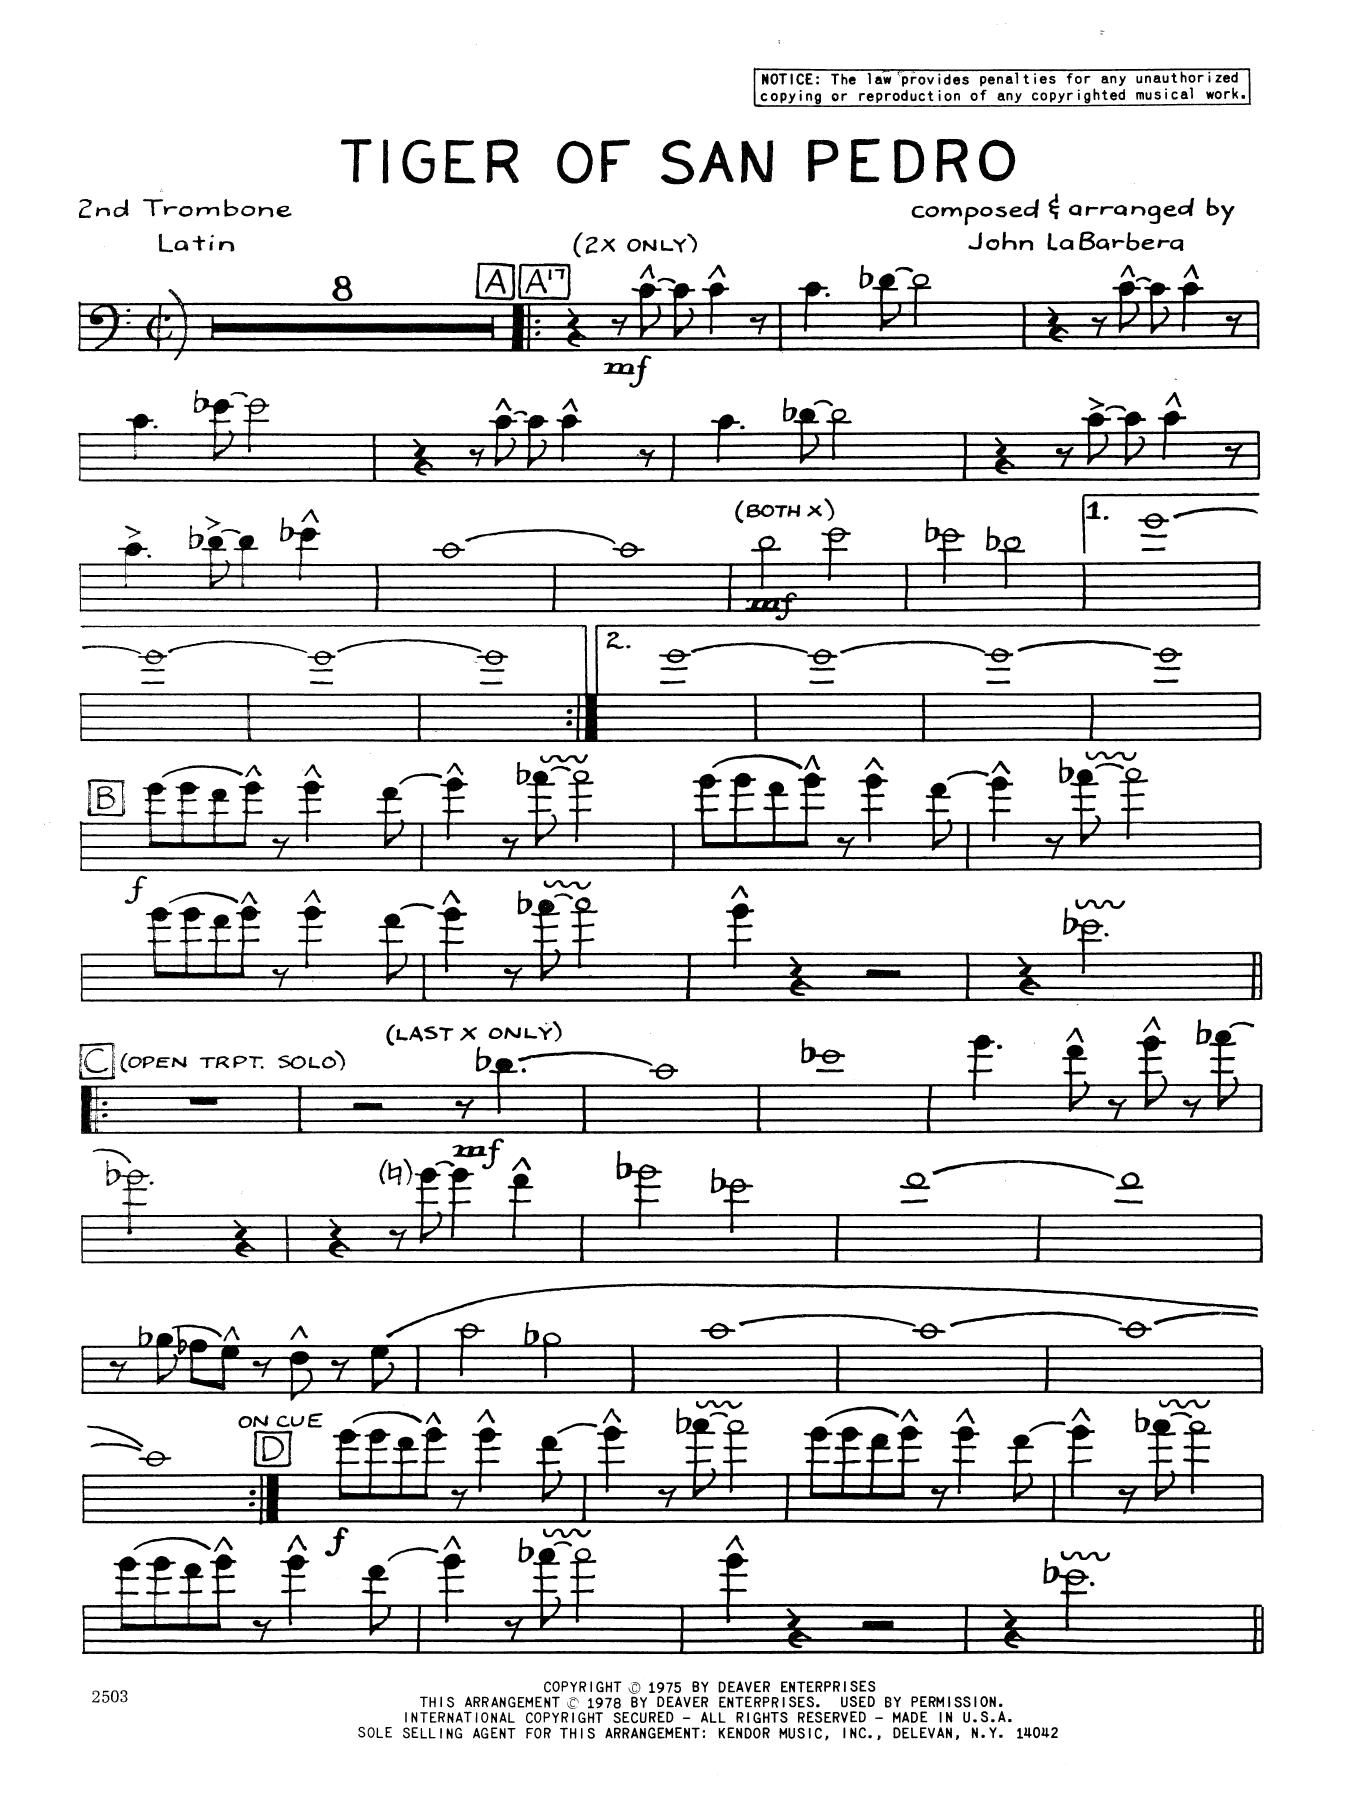 Tiger Of San Pedro - 2nd Trombone Sheet Music